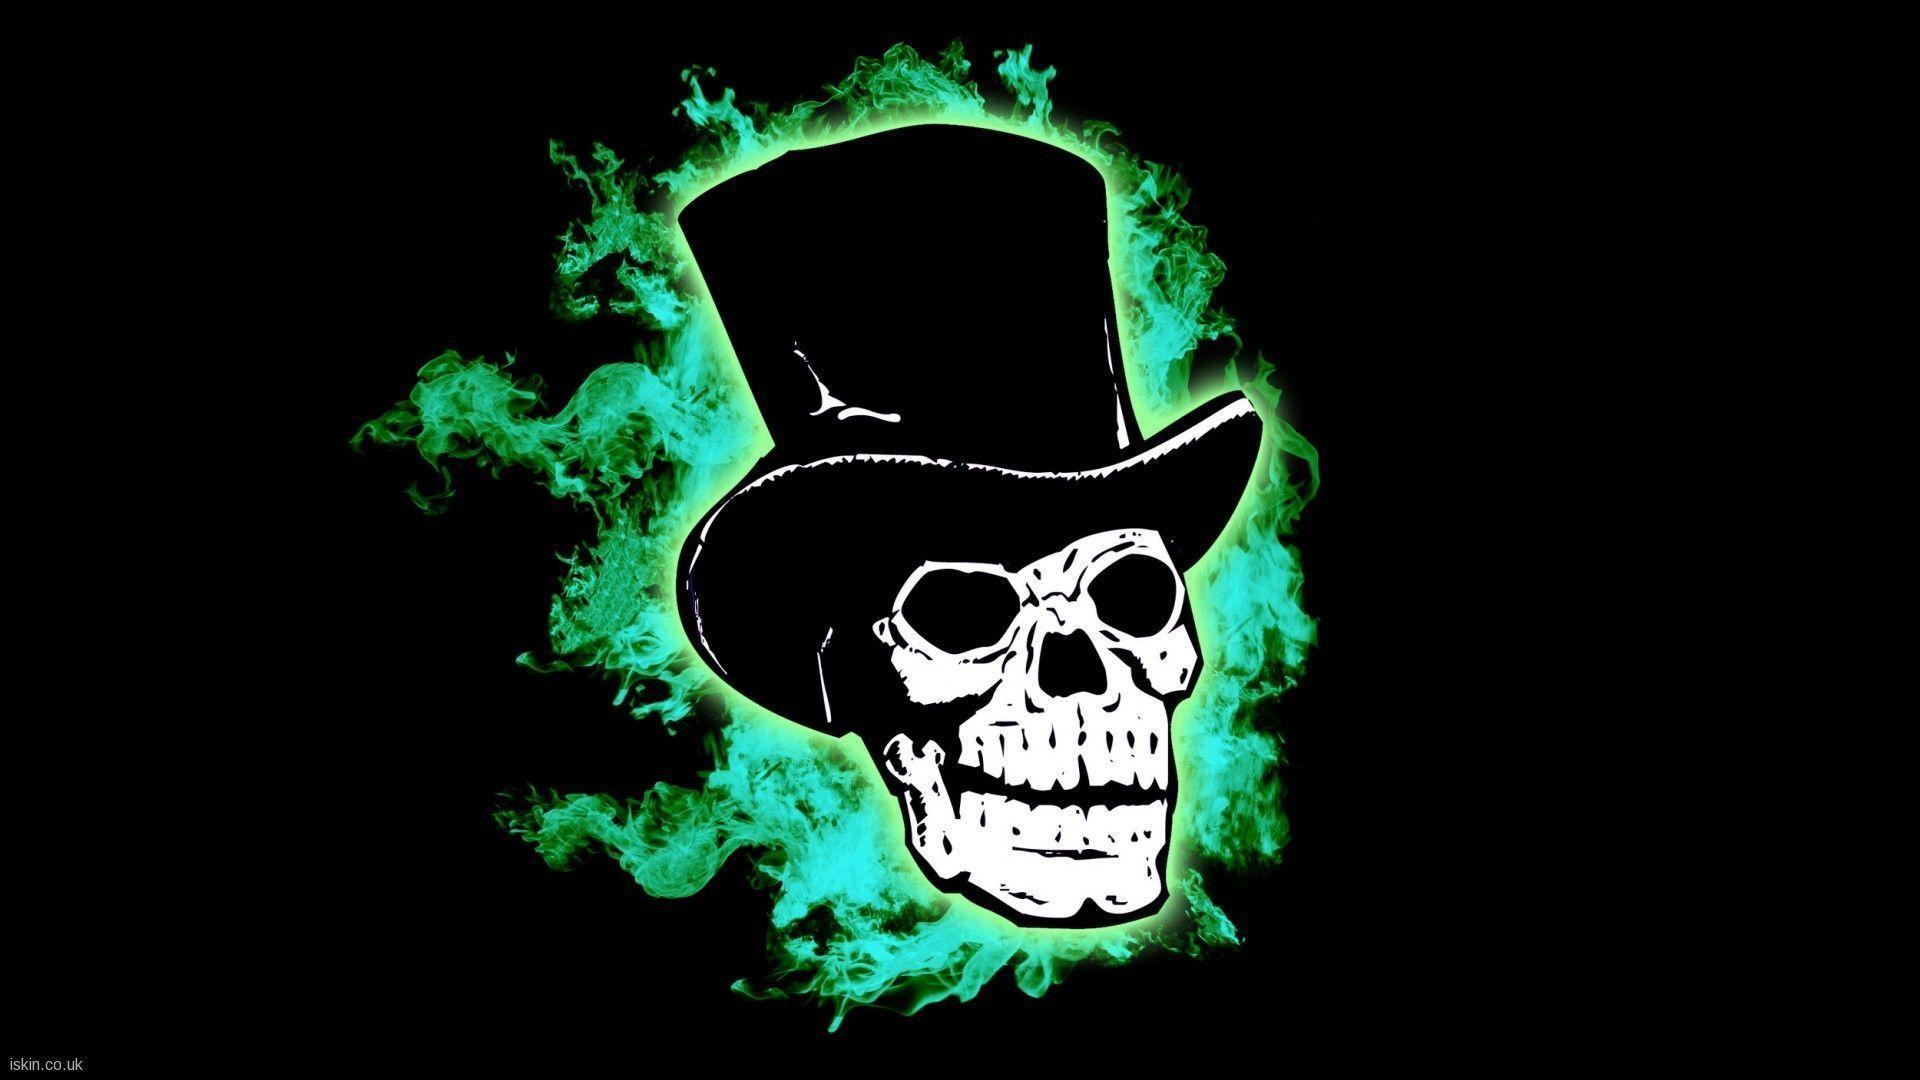 1920x1200 Grim Reaper Death Dark Skull Hood Eyes Evil Scary Spooky Creepy Teeth Black Halloween Wallpaper